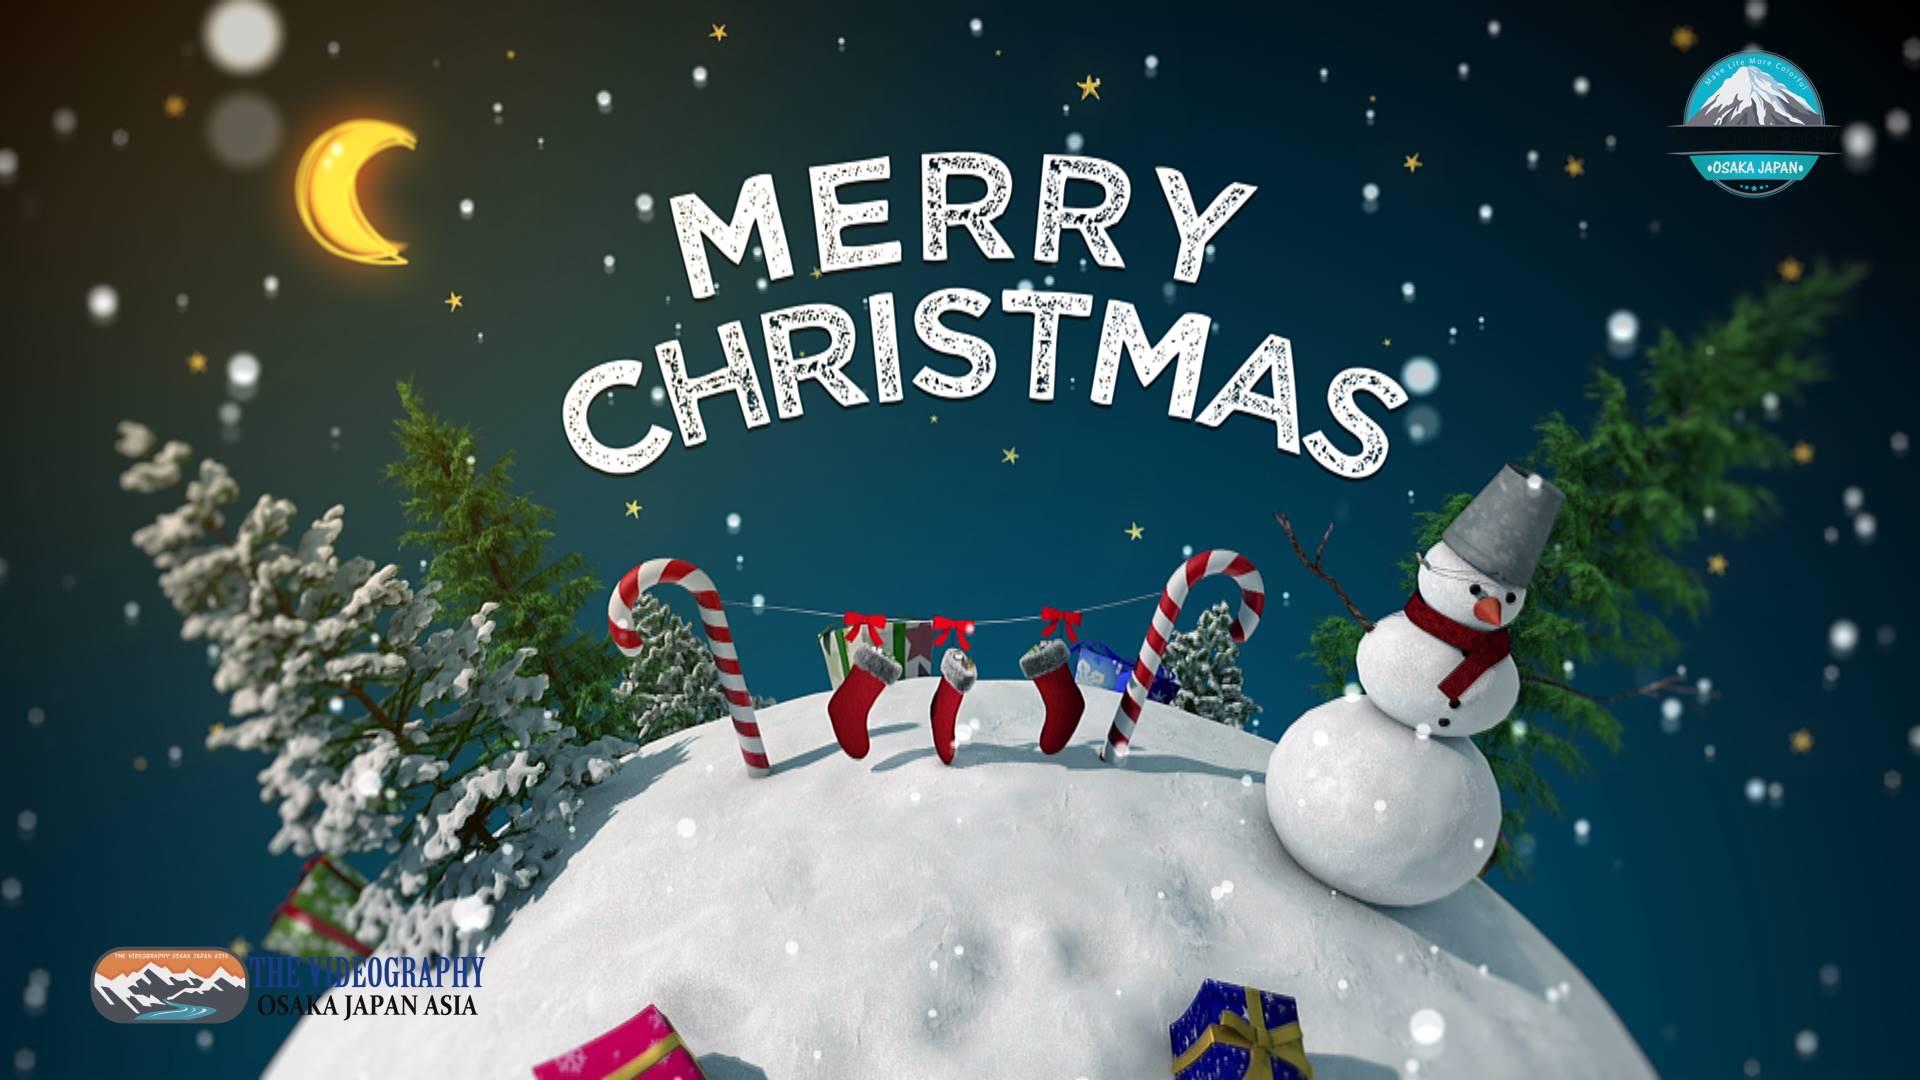 Merry Christmas! メリークリスマス! シーズン・プロモーションビデオ制作